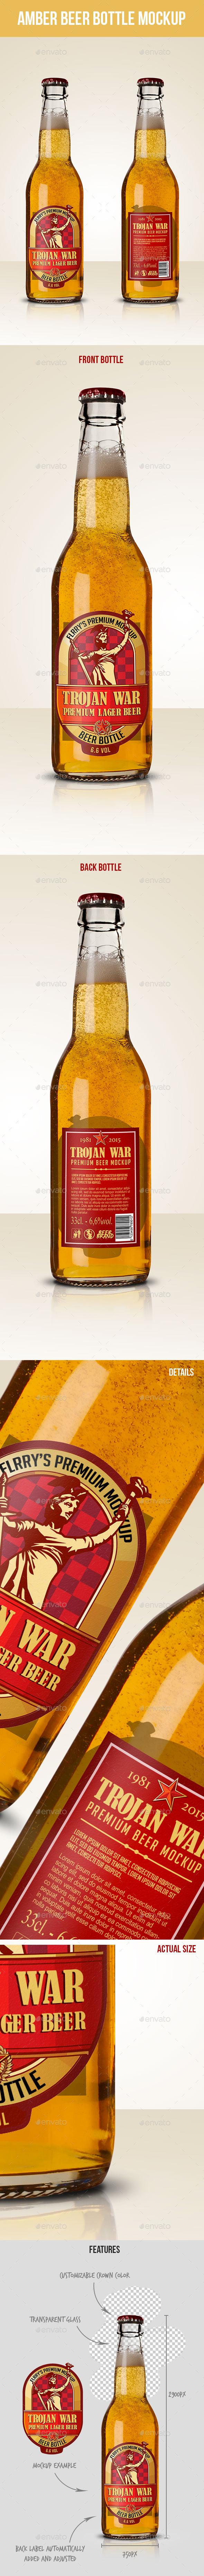 Premium Amber Beer Bottle Mockup - Food and Drink Packaging